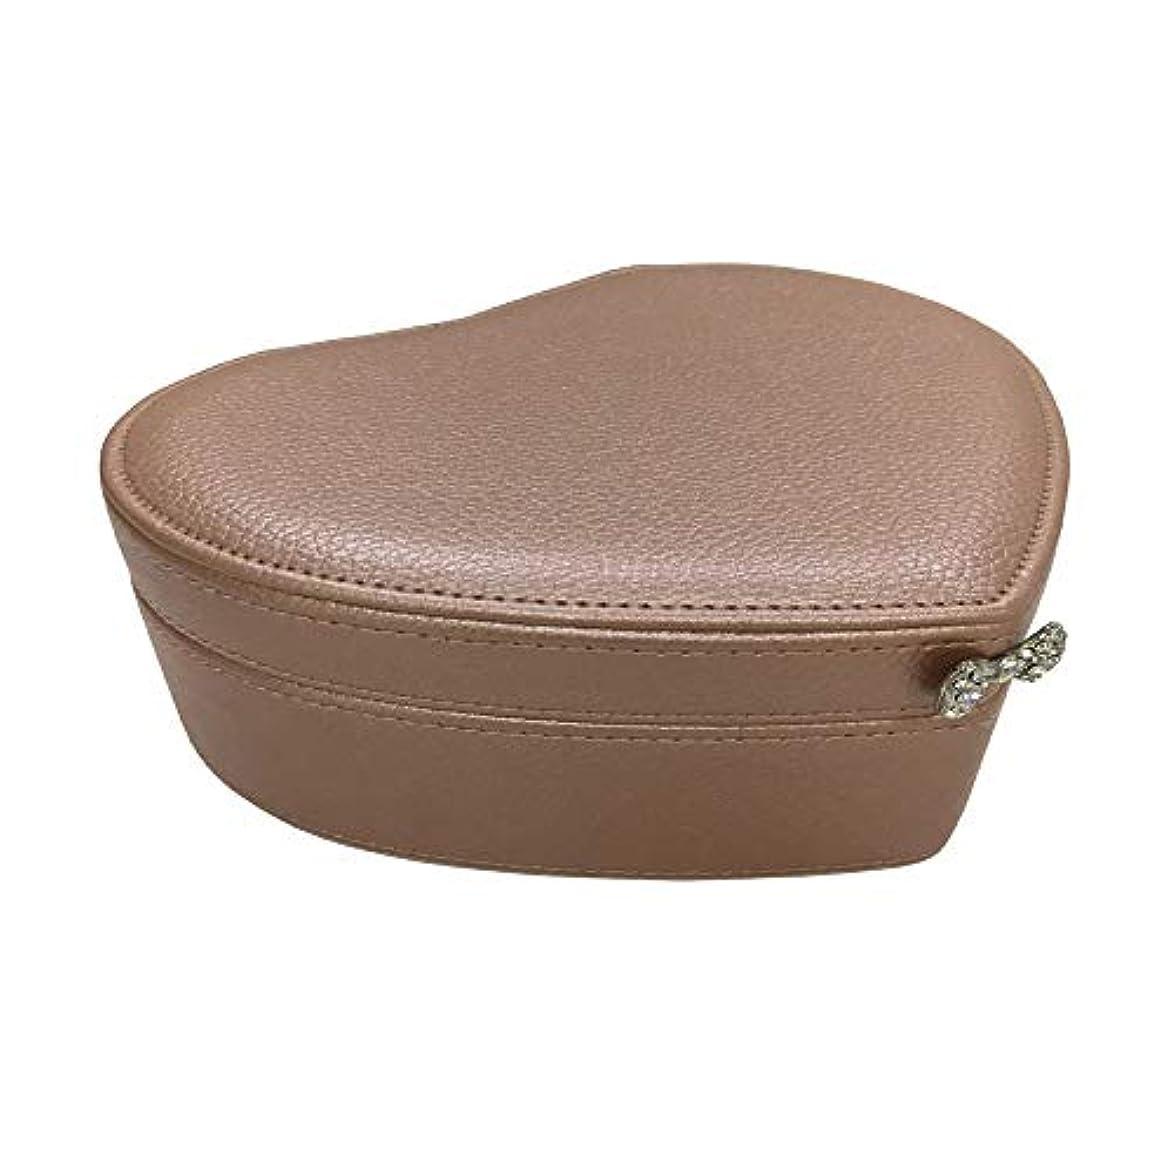 薄いです急行する前奏曲化粧オーガナイザーバッグ 小さなアイテムのストレージのための丈夫な女性のジュエリーのストレージペーパーボックス 化粧品ケース (色 : 褐色)